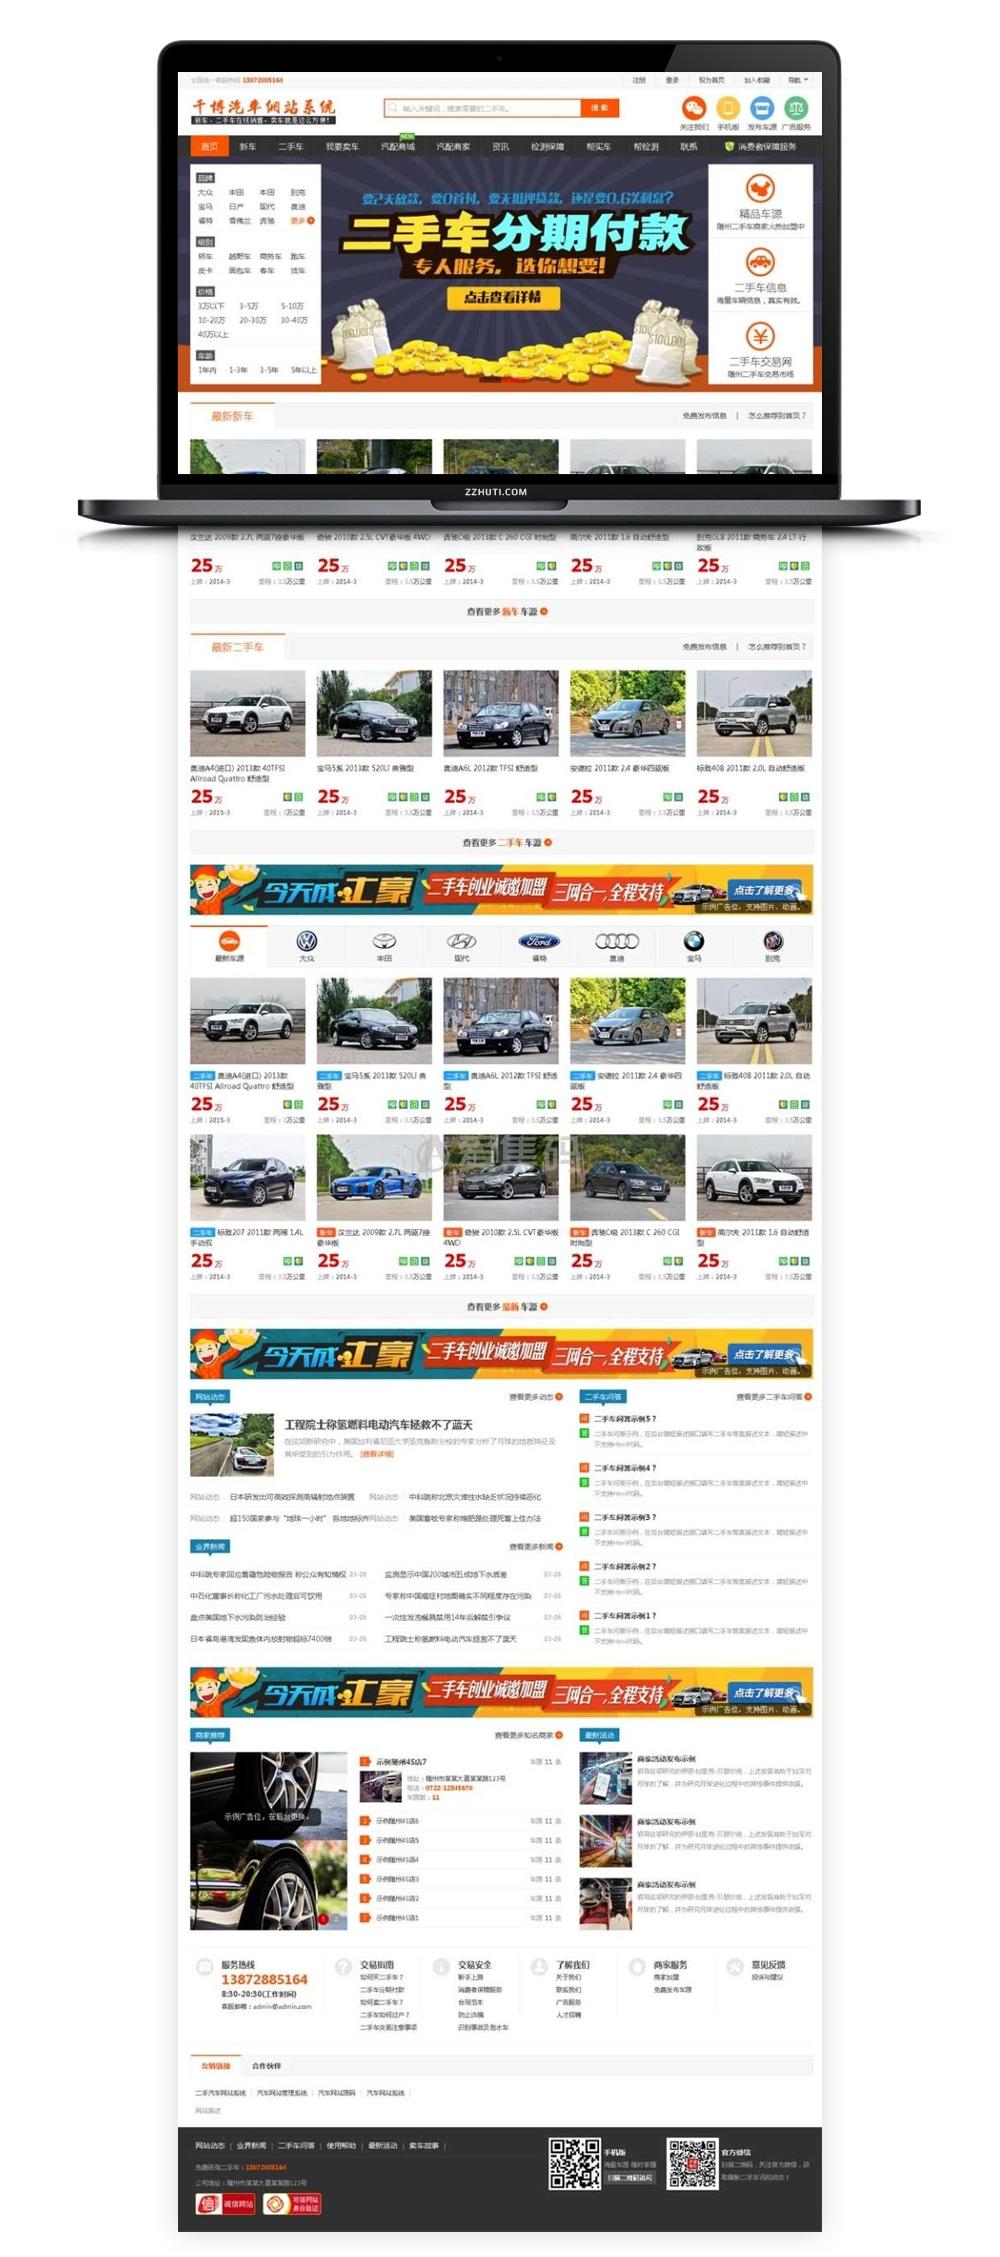 【二手车交易网站】PHP千博地方多商户二手汽车在线交易网站商城系统-v2020-Build0710源码-找主题源码